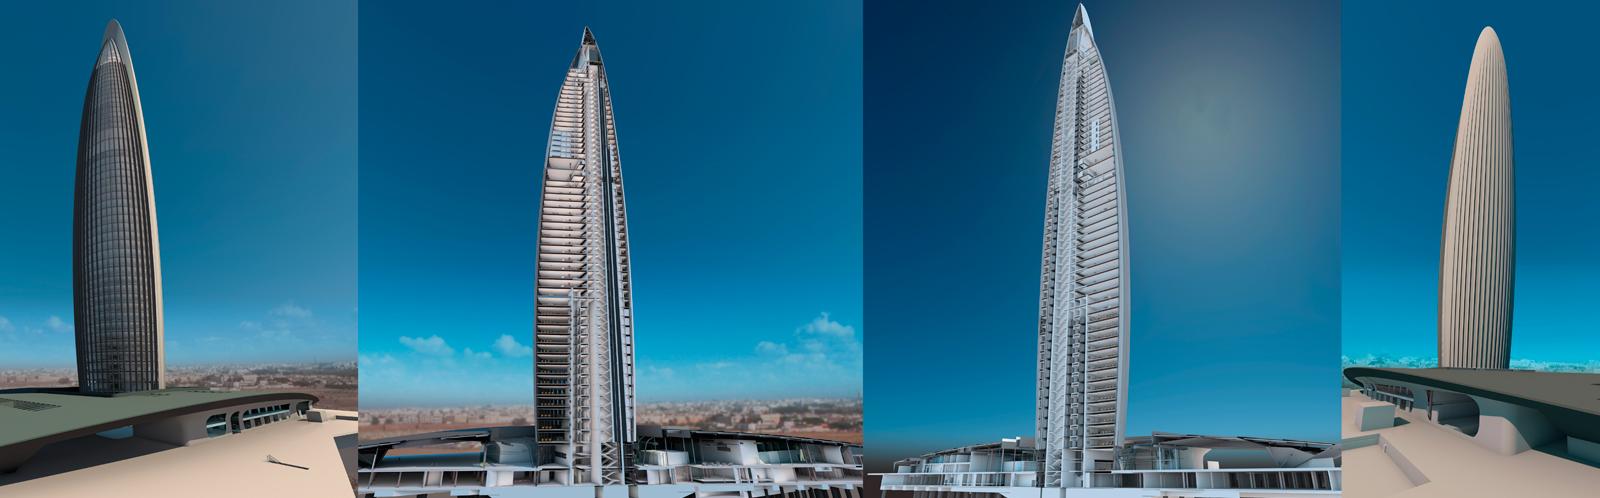 torre-rabat